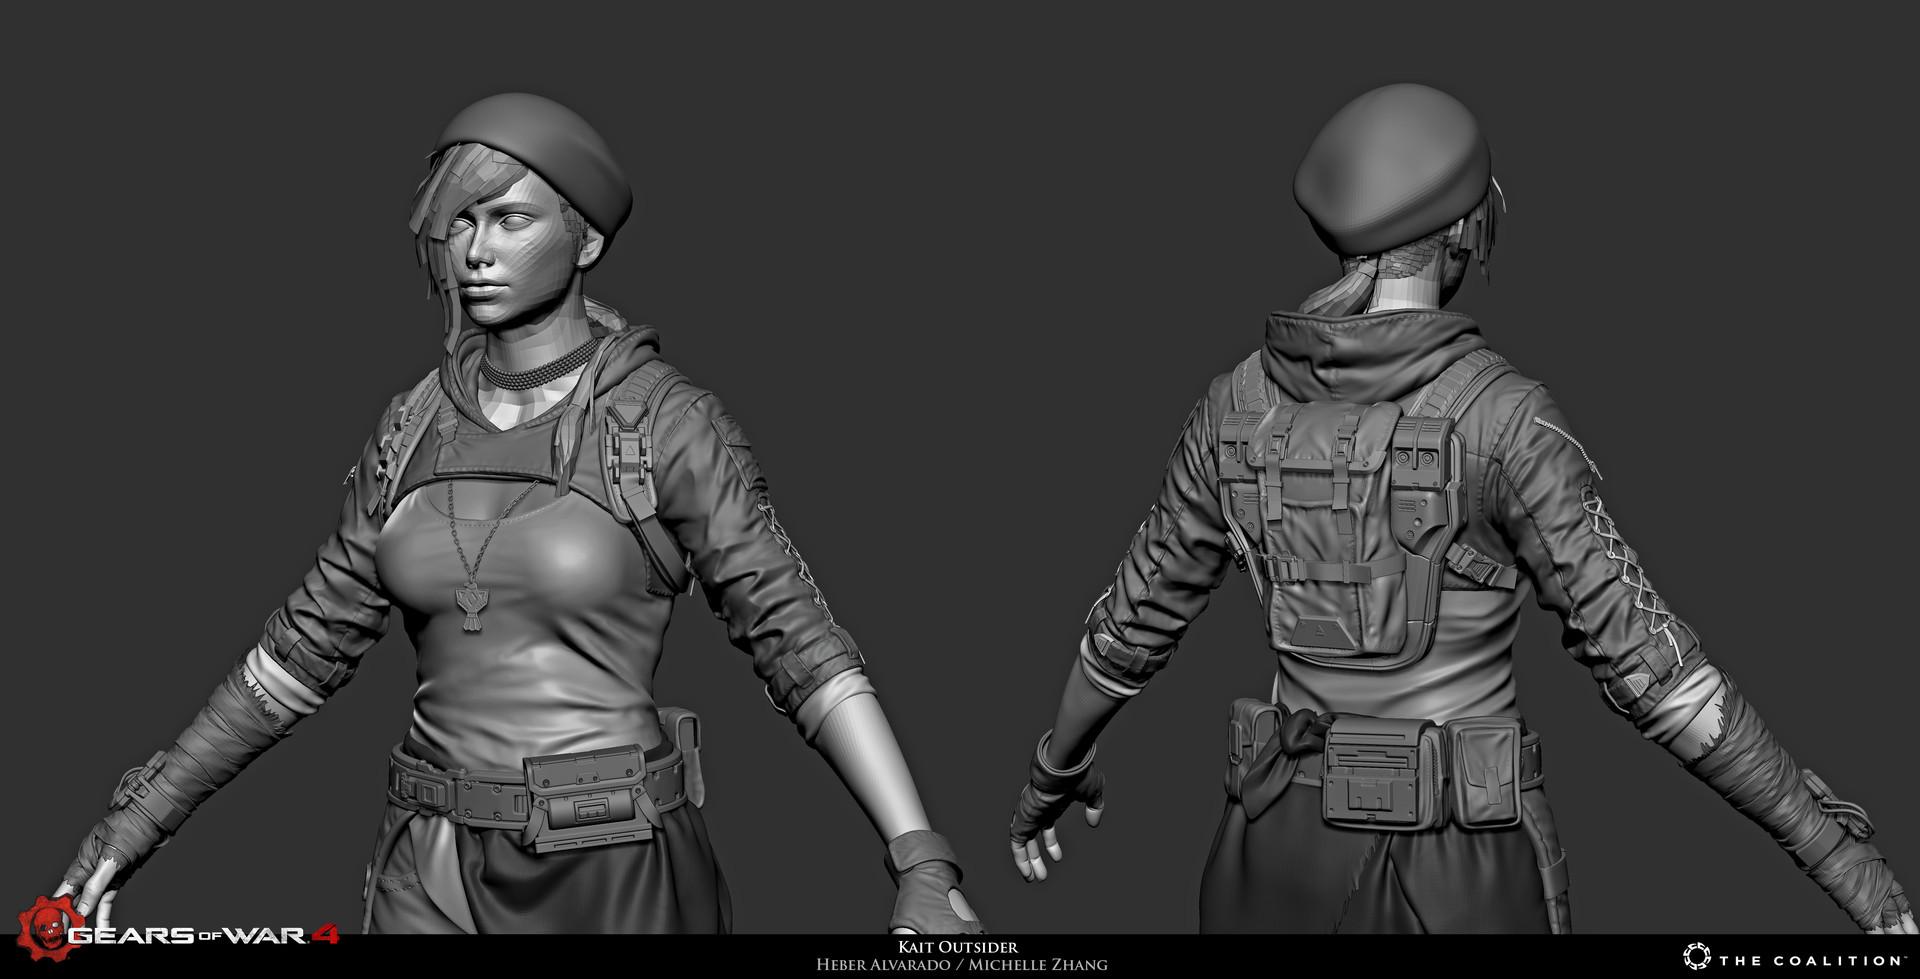 Gears of War 4 Art by Heber Alvarado